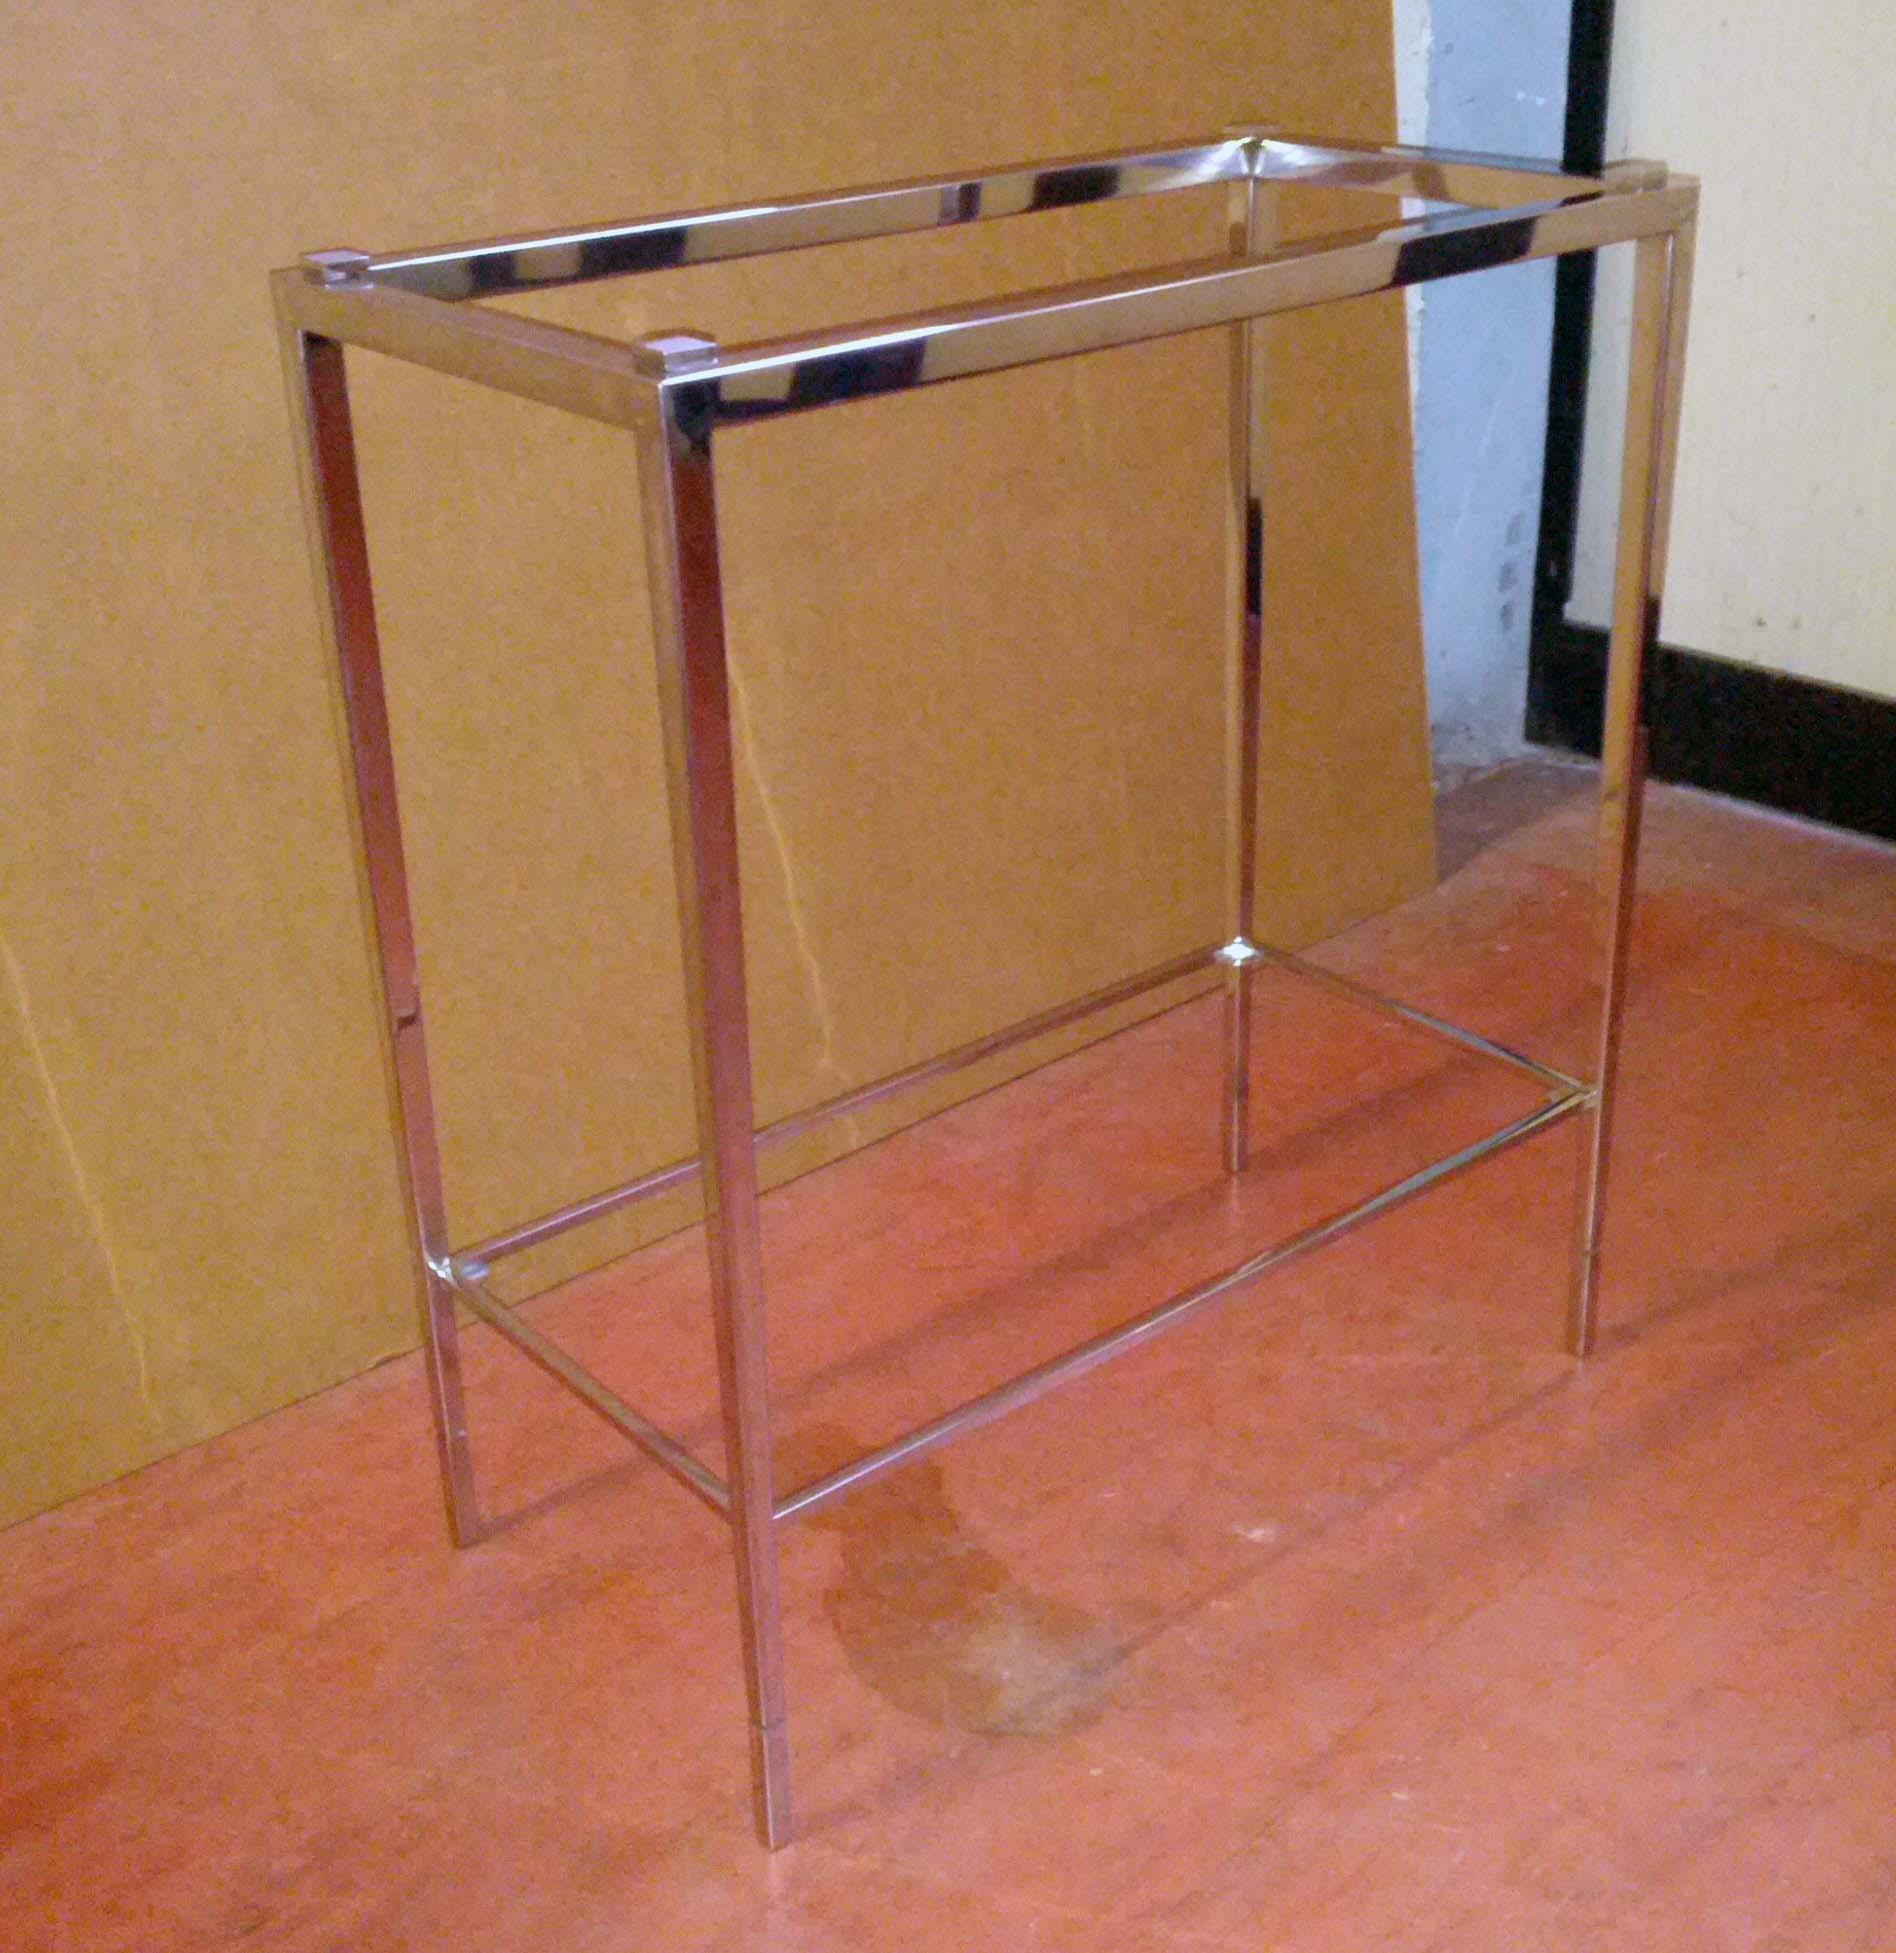 Realizzazione tavoli in acciaio inox venezia marinox noale - Gambe acciaio per tavoli ...